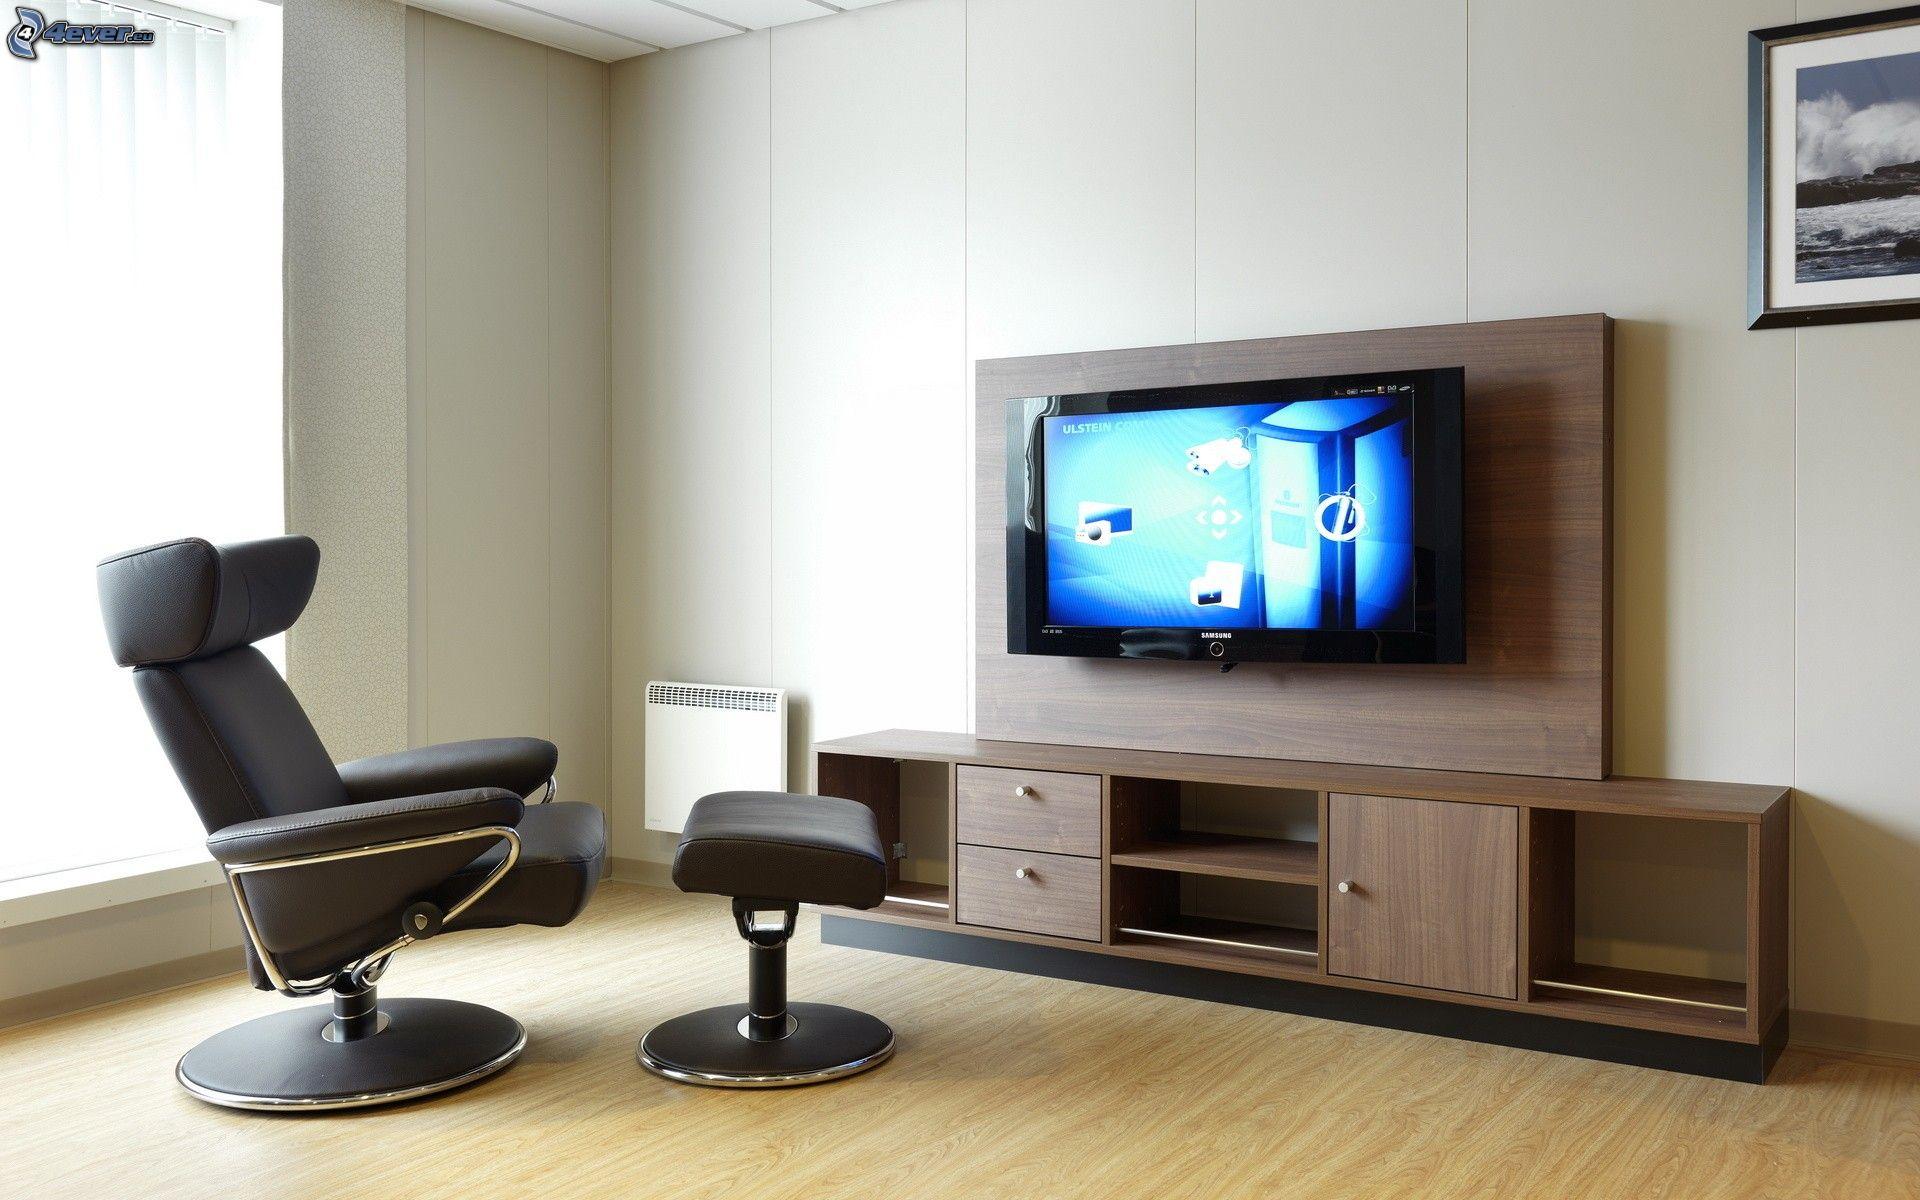 salle de sejour, fauteuil, television 171407 Résultat Supérieur 50 Superbe Fauteuil Pour Television Image 2017 Iqt4